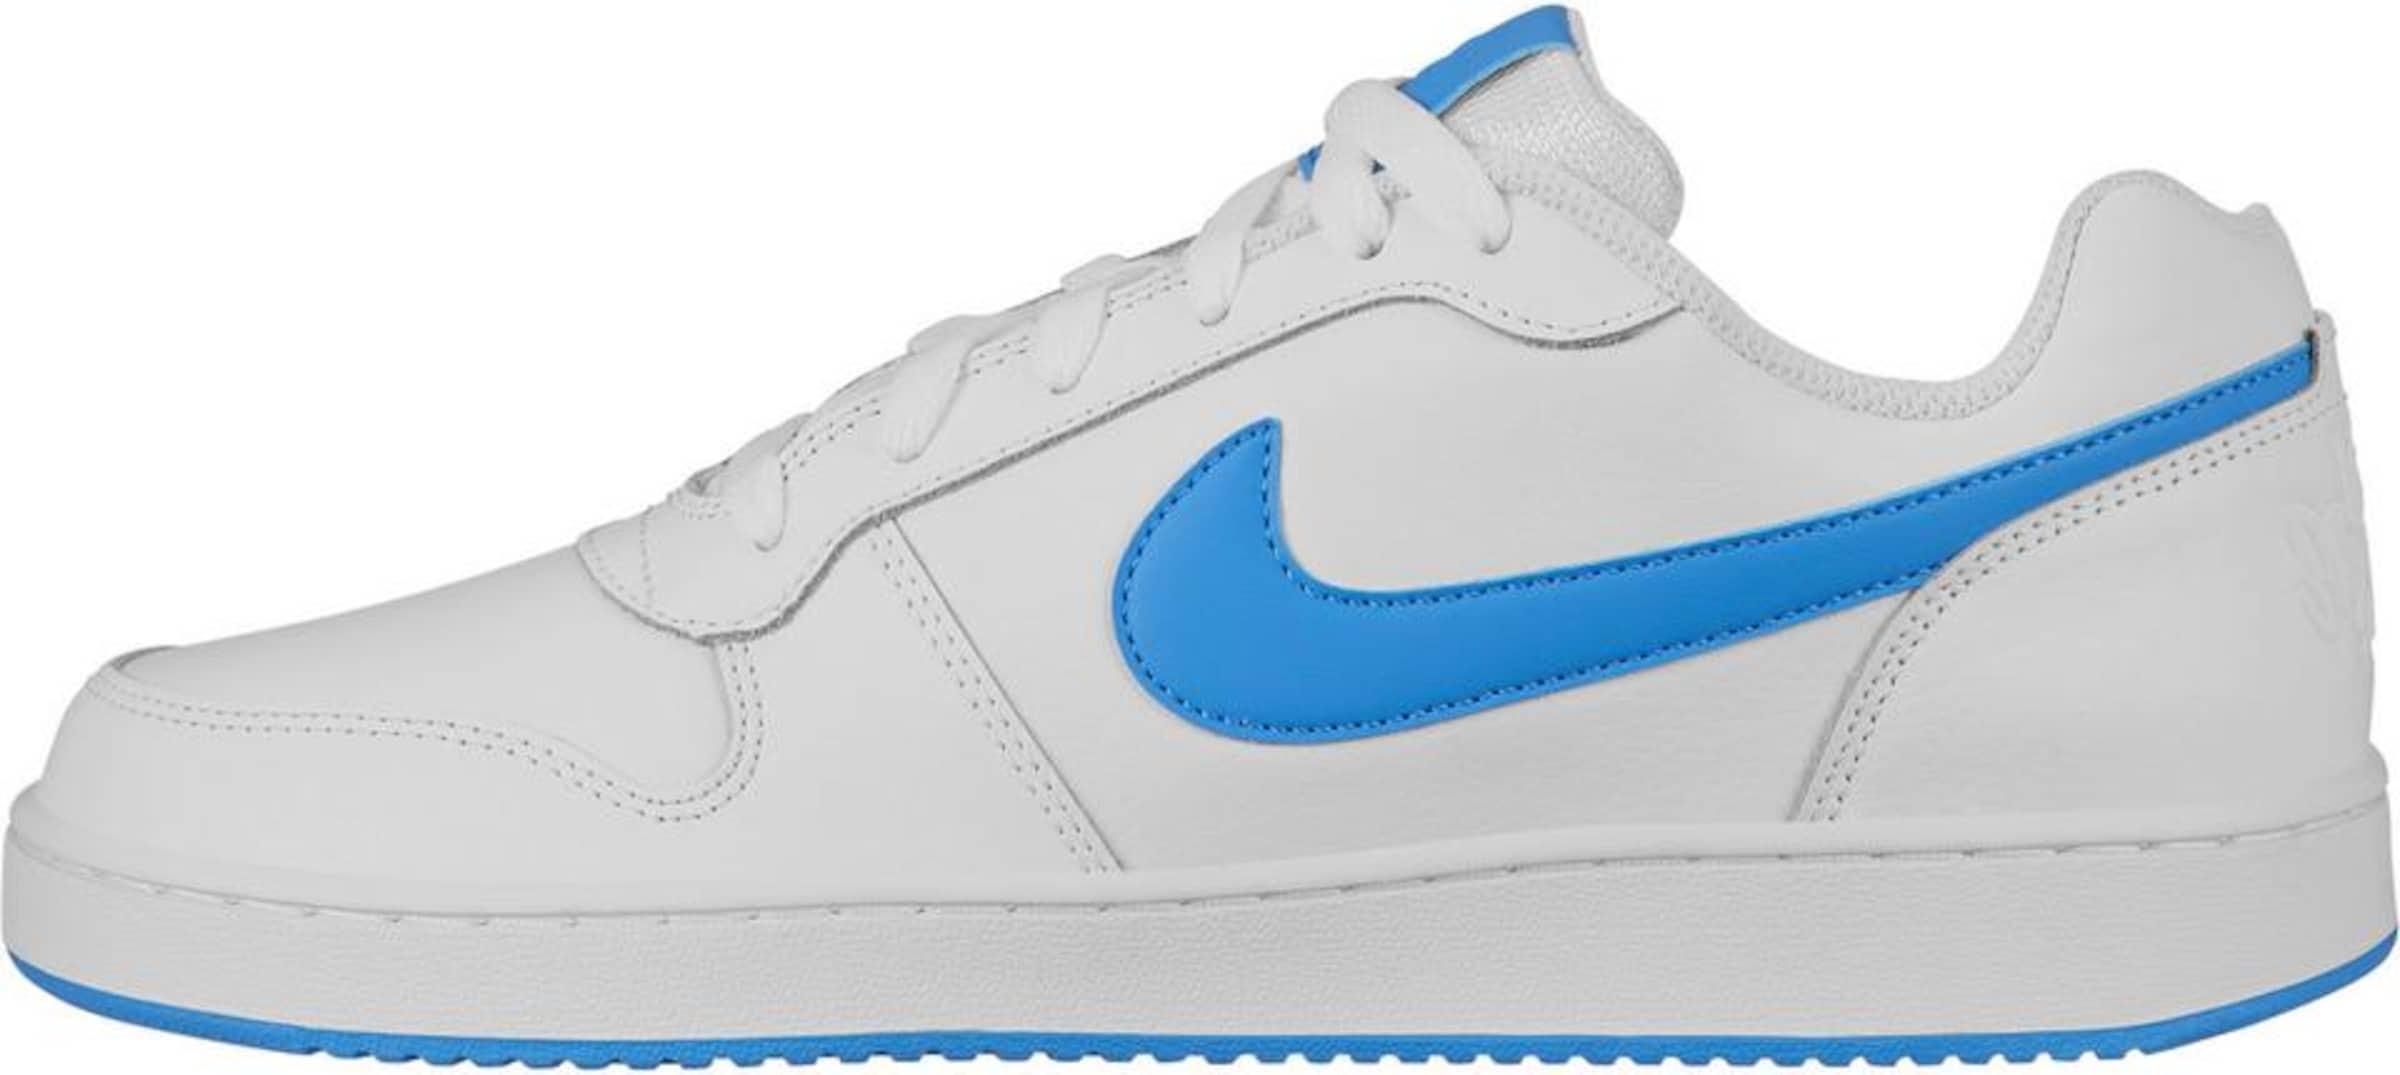 Nike Low' 'ebernon In Sneaker BlauWeiß Sportswear g7bf6yY